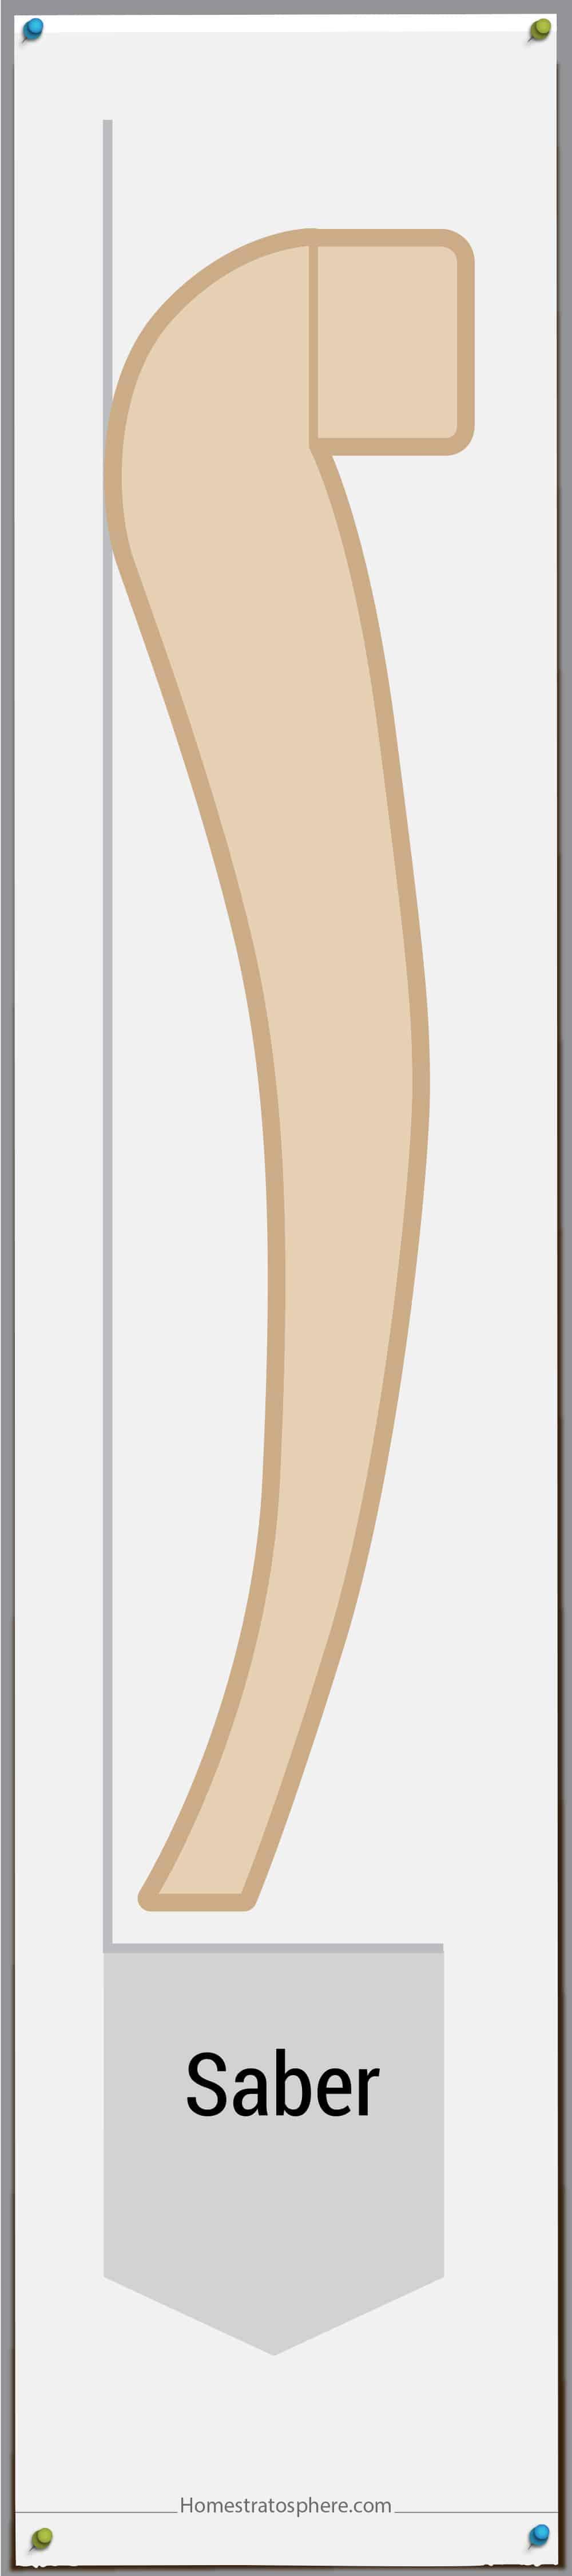 saber furniture leg style